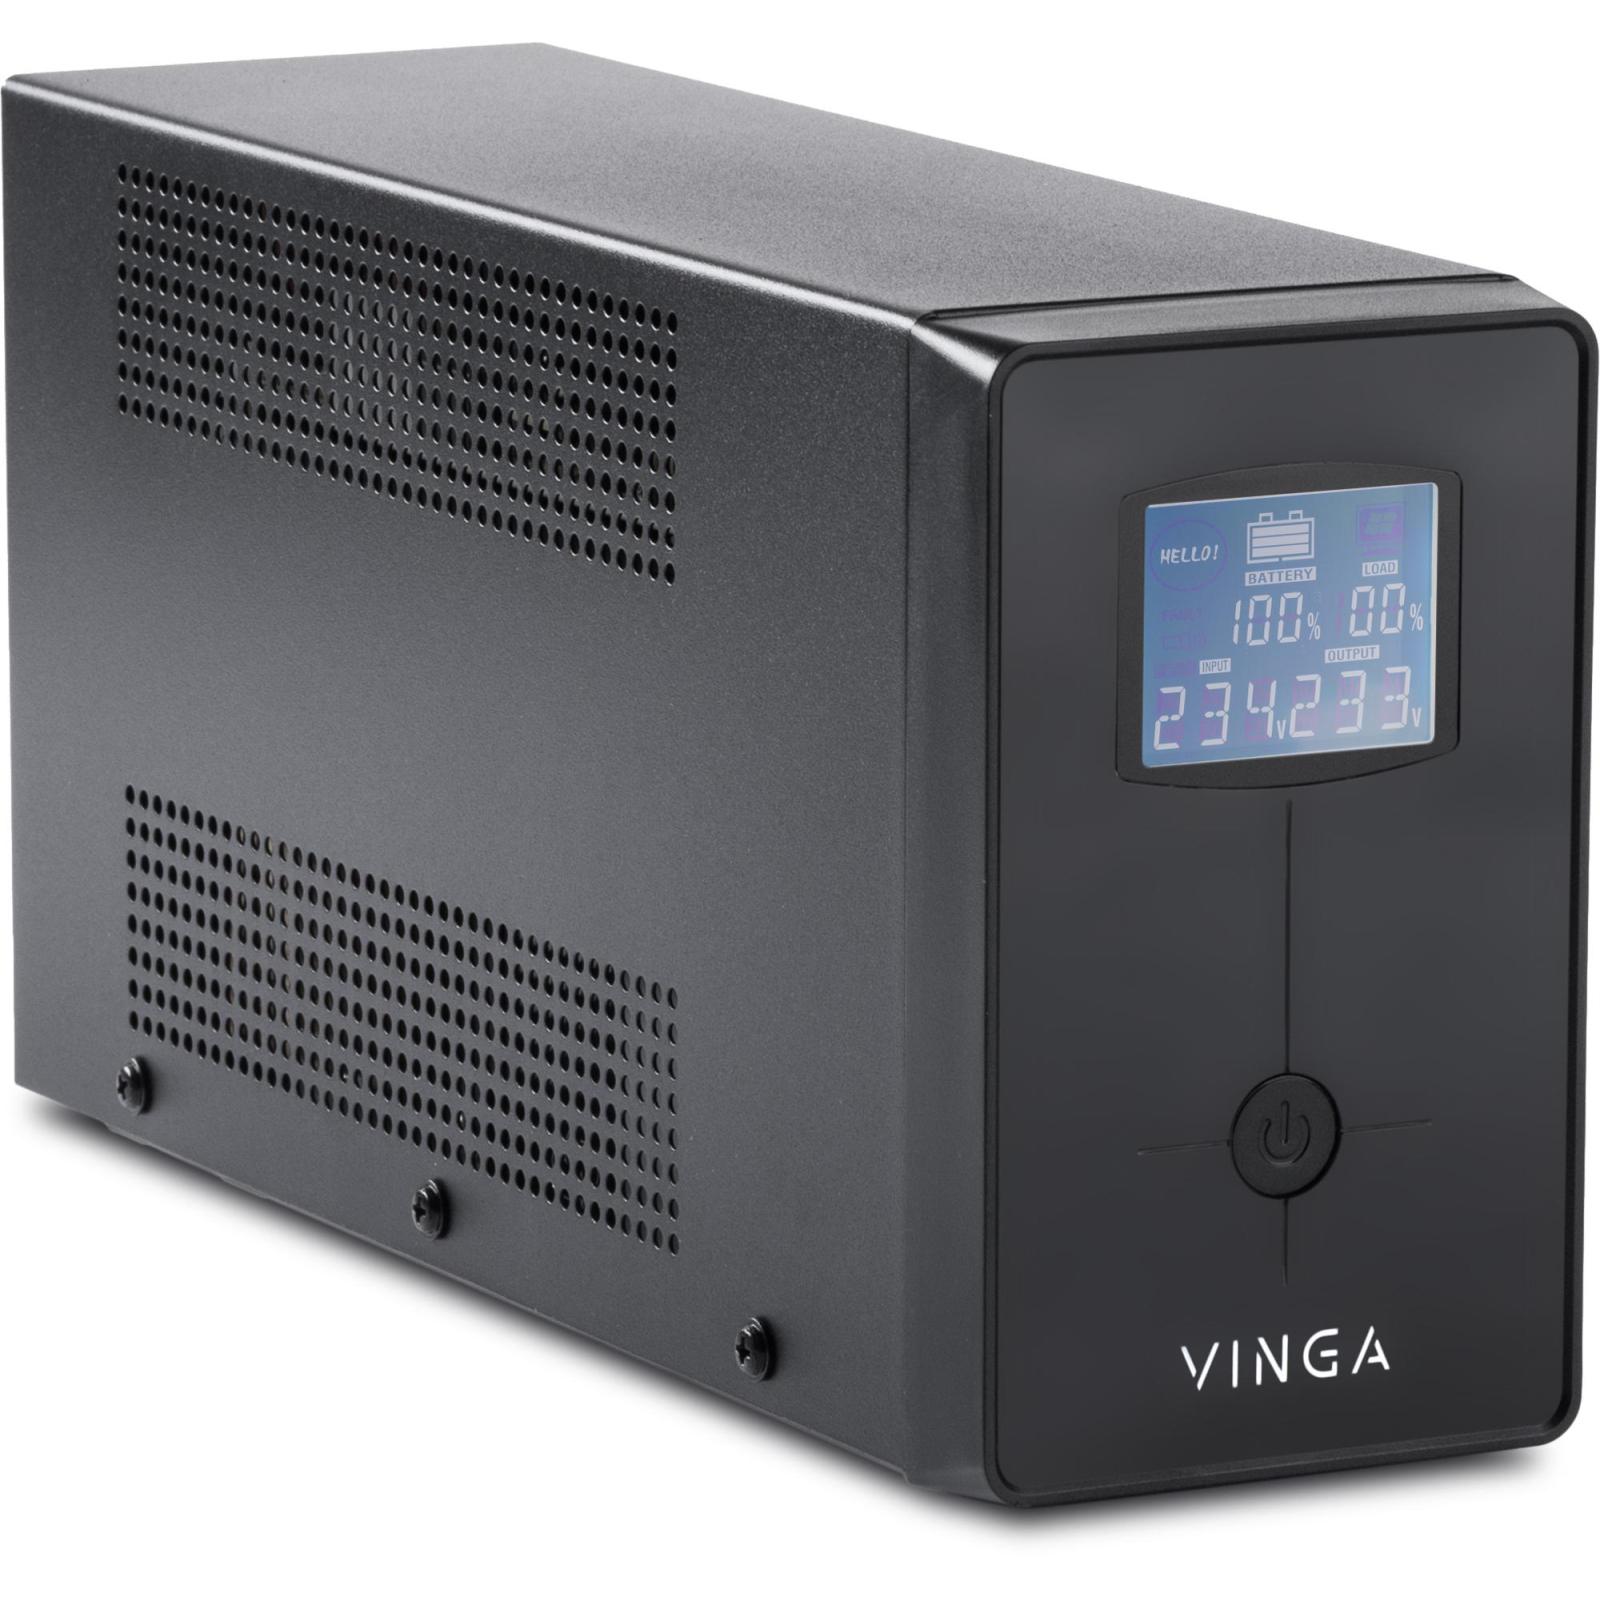 Источник бесперебойного питания Vinga LCD 1200VA metal case (VPC-1200M) изображение 2